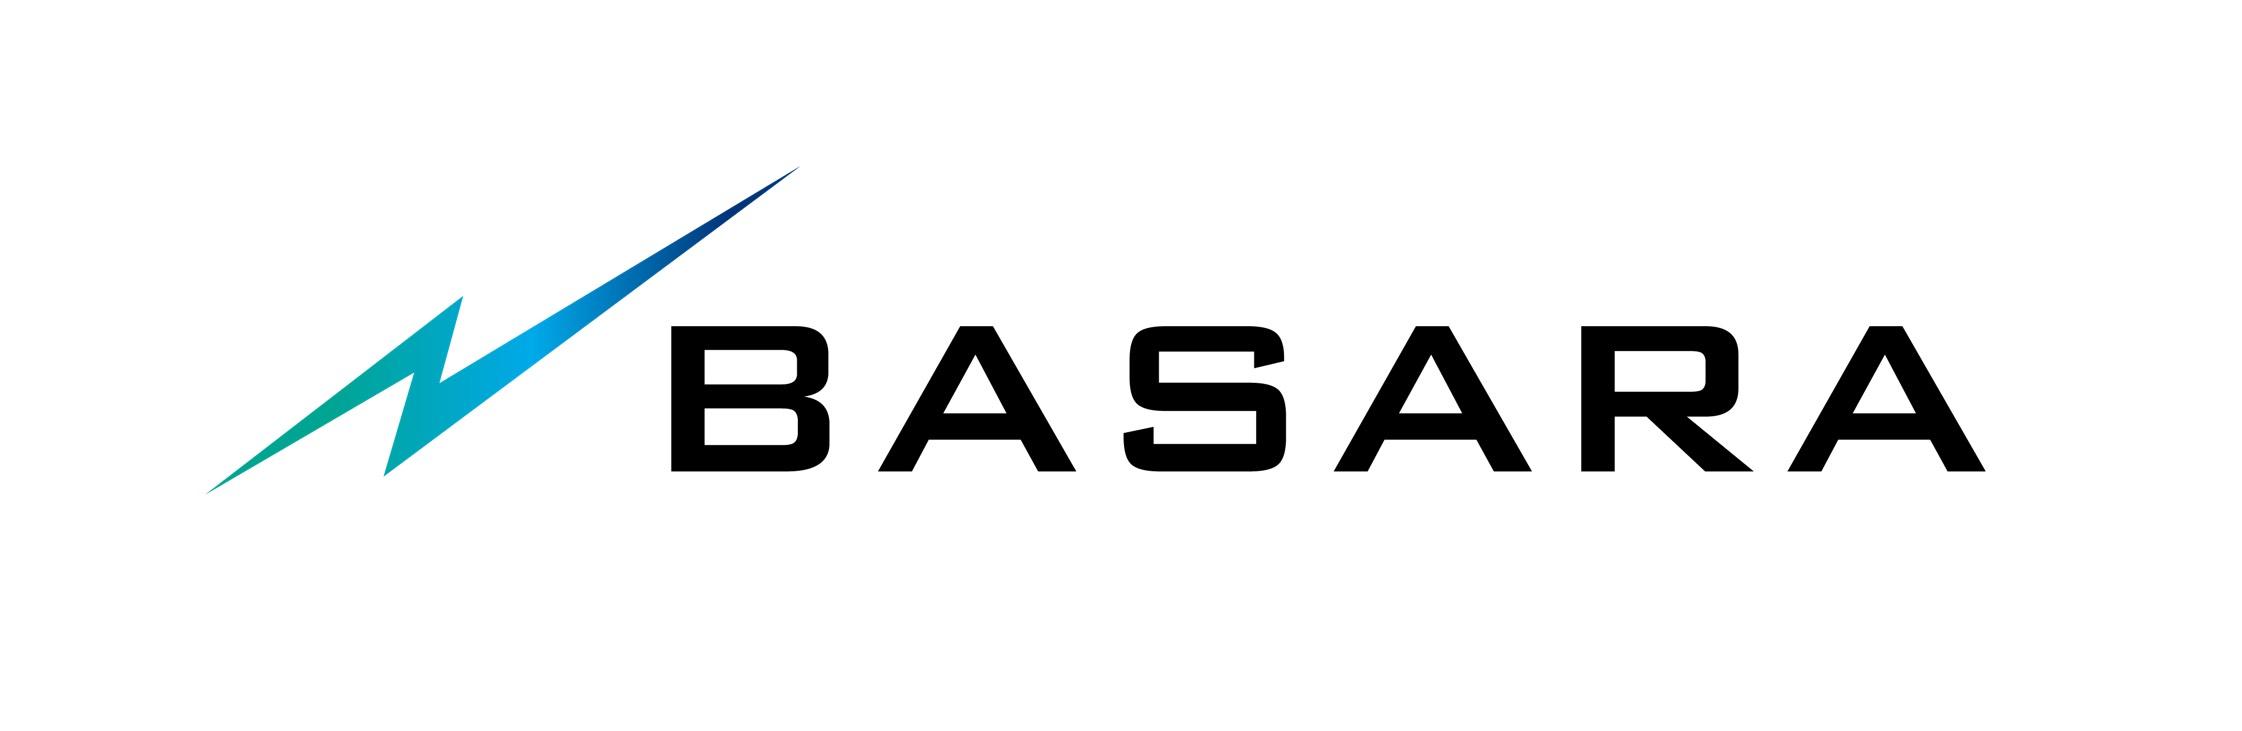 株式会社バサラ